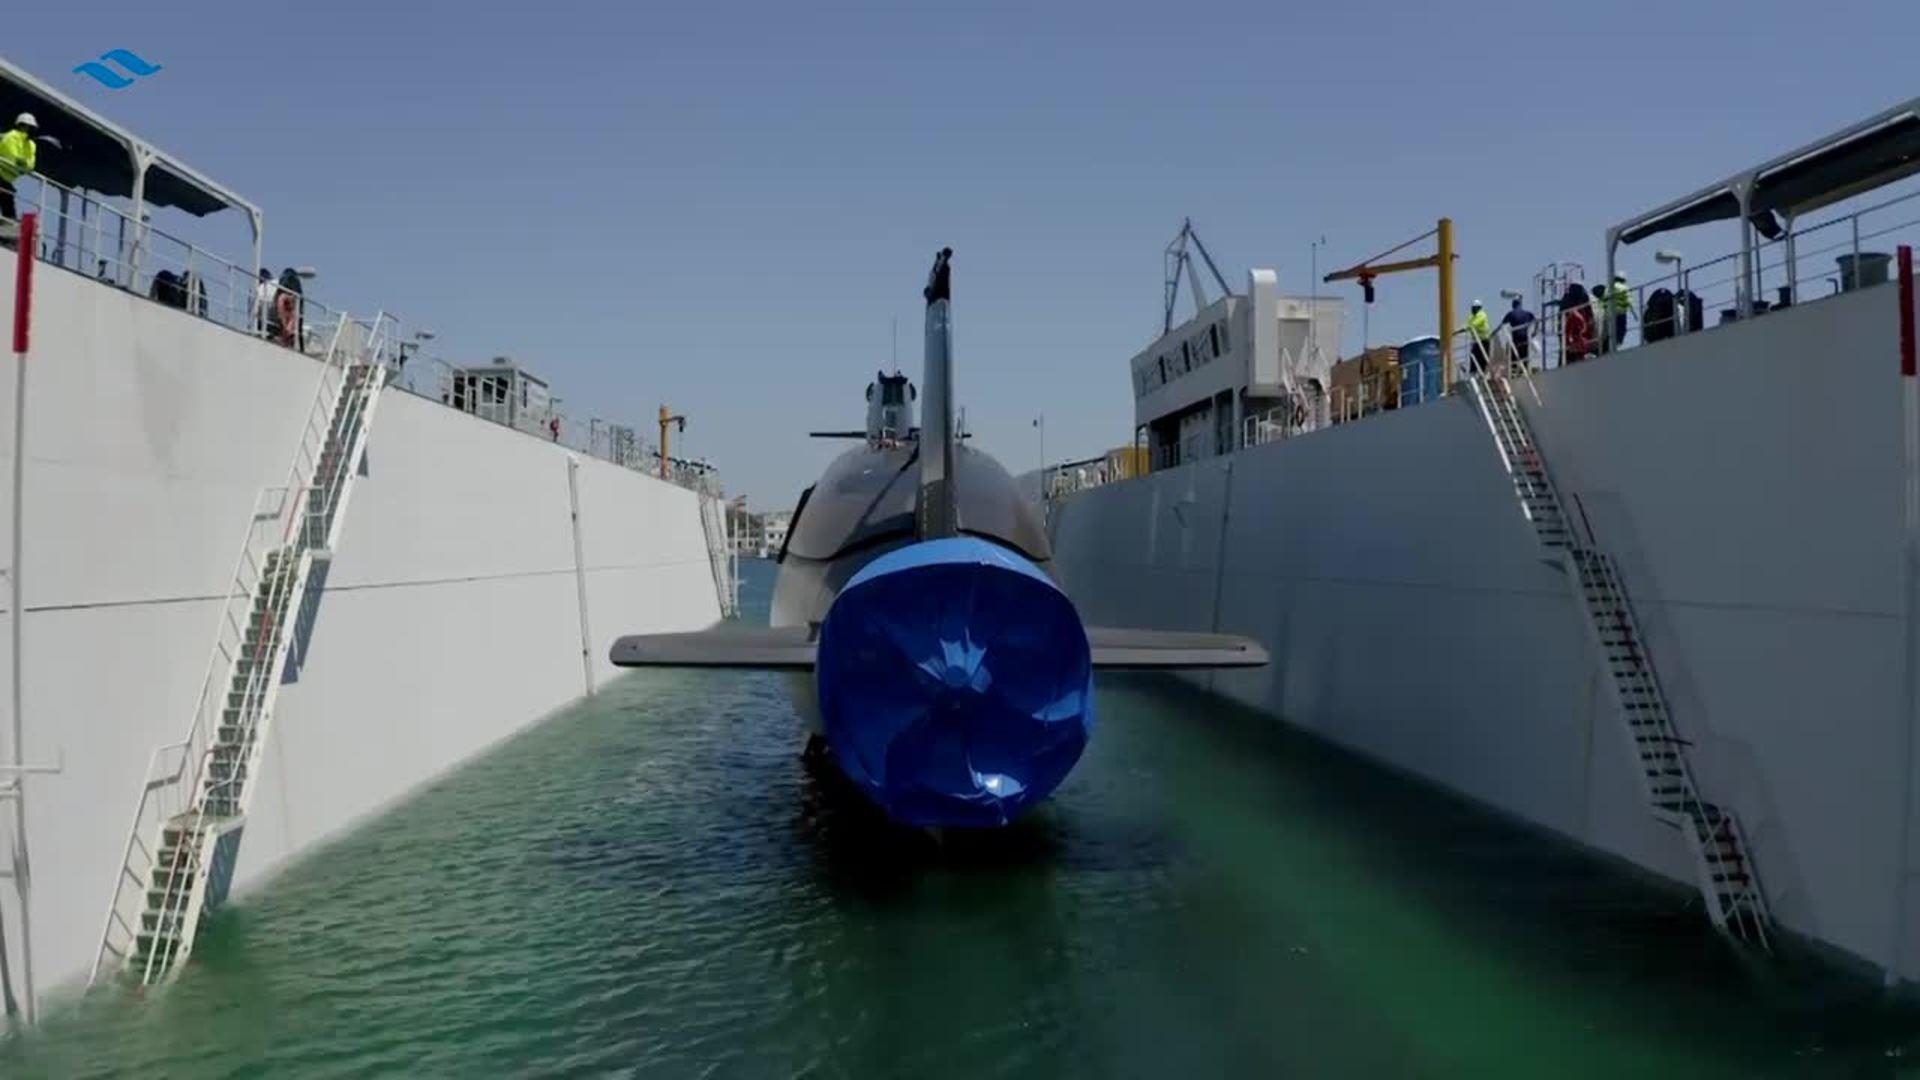 El S-81 'Isaac Peral' ya está a flote y supera las primeras pruebas en el agua